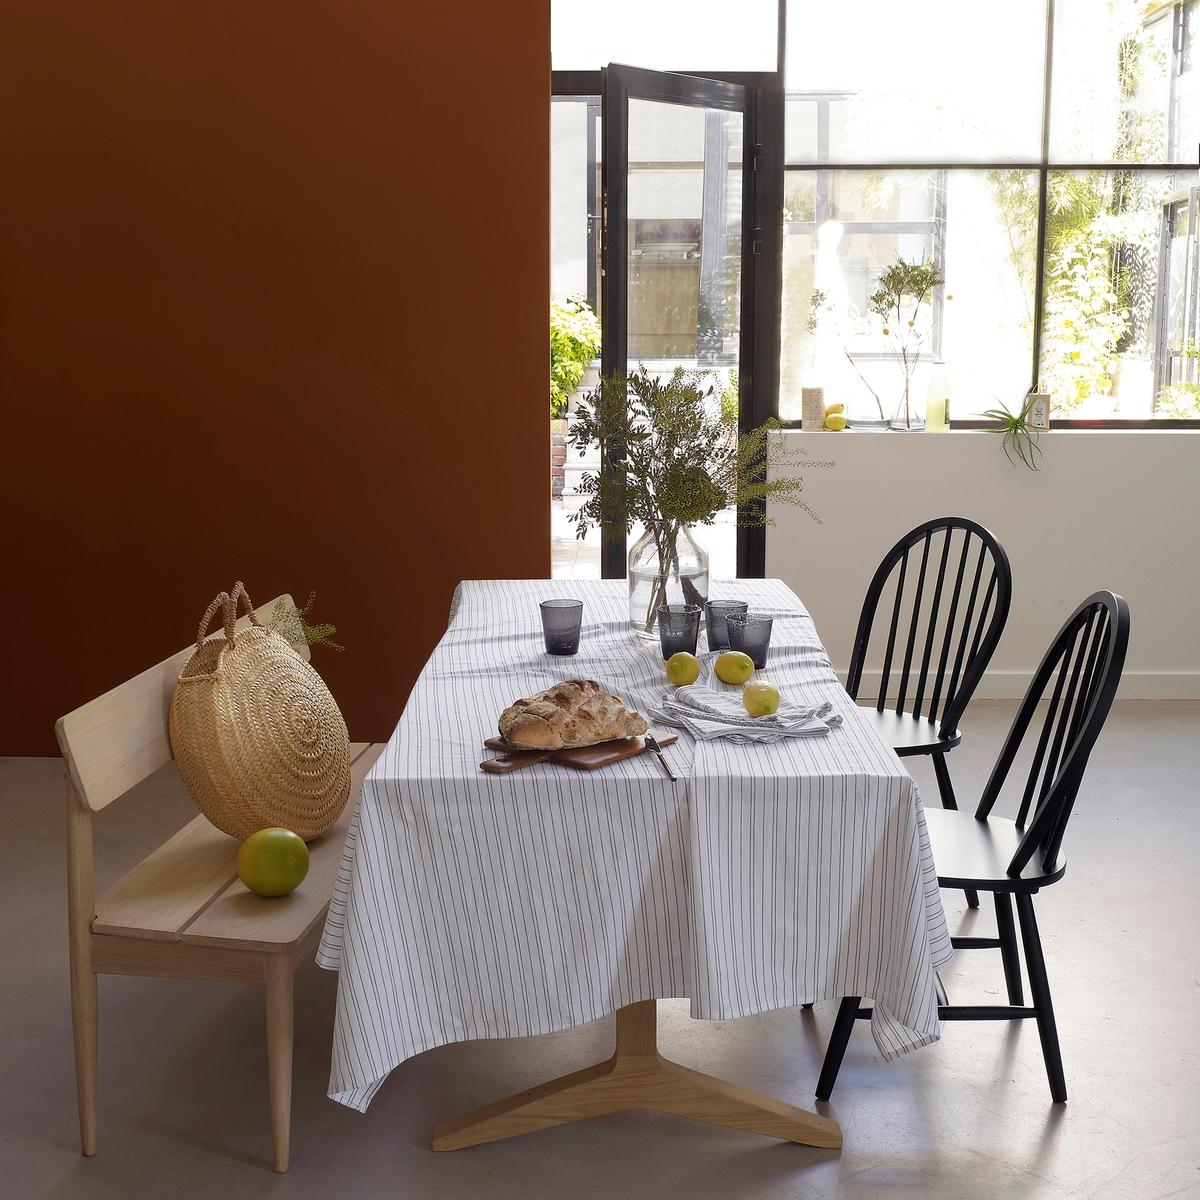 Toalha de mesa em algodão/linho lavado, UZES